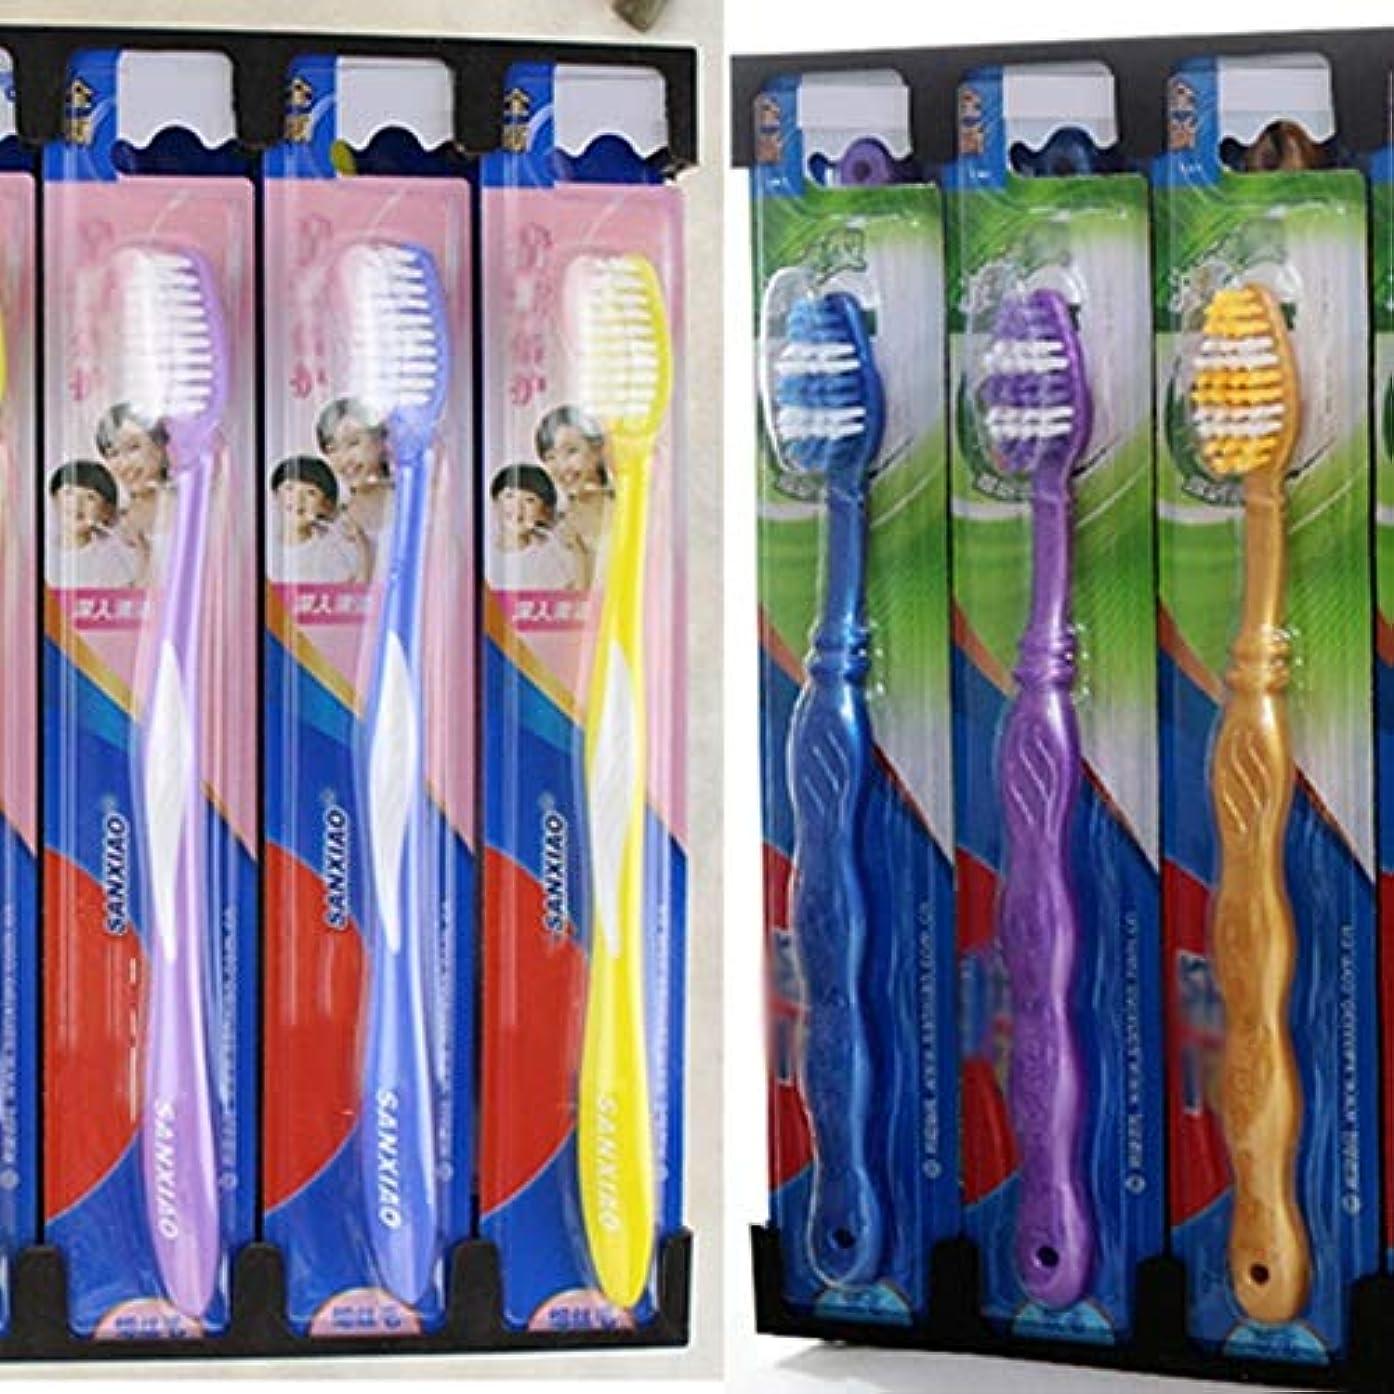 海峡名詞レッスン歯ブラシ 30本の歯ブラシ、旅行歯ブラシ、家族バルク大人歯ブラシ、ミディアム歯ブラシ - 使用可能なスタイルの3種類 HL (色 : C, サイズ : 30 packs)